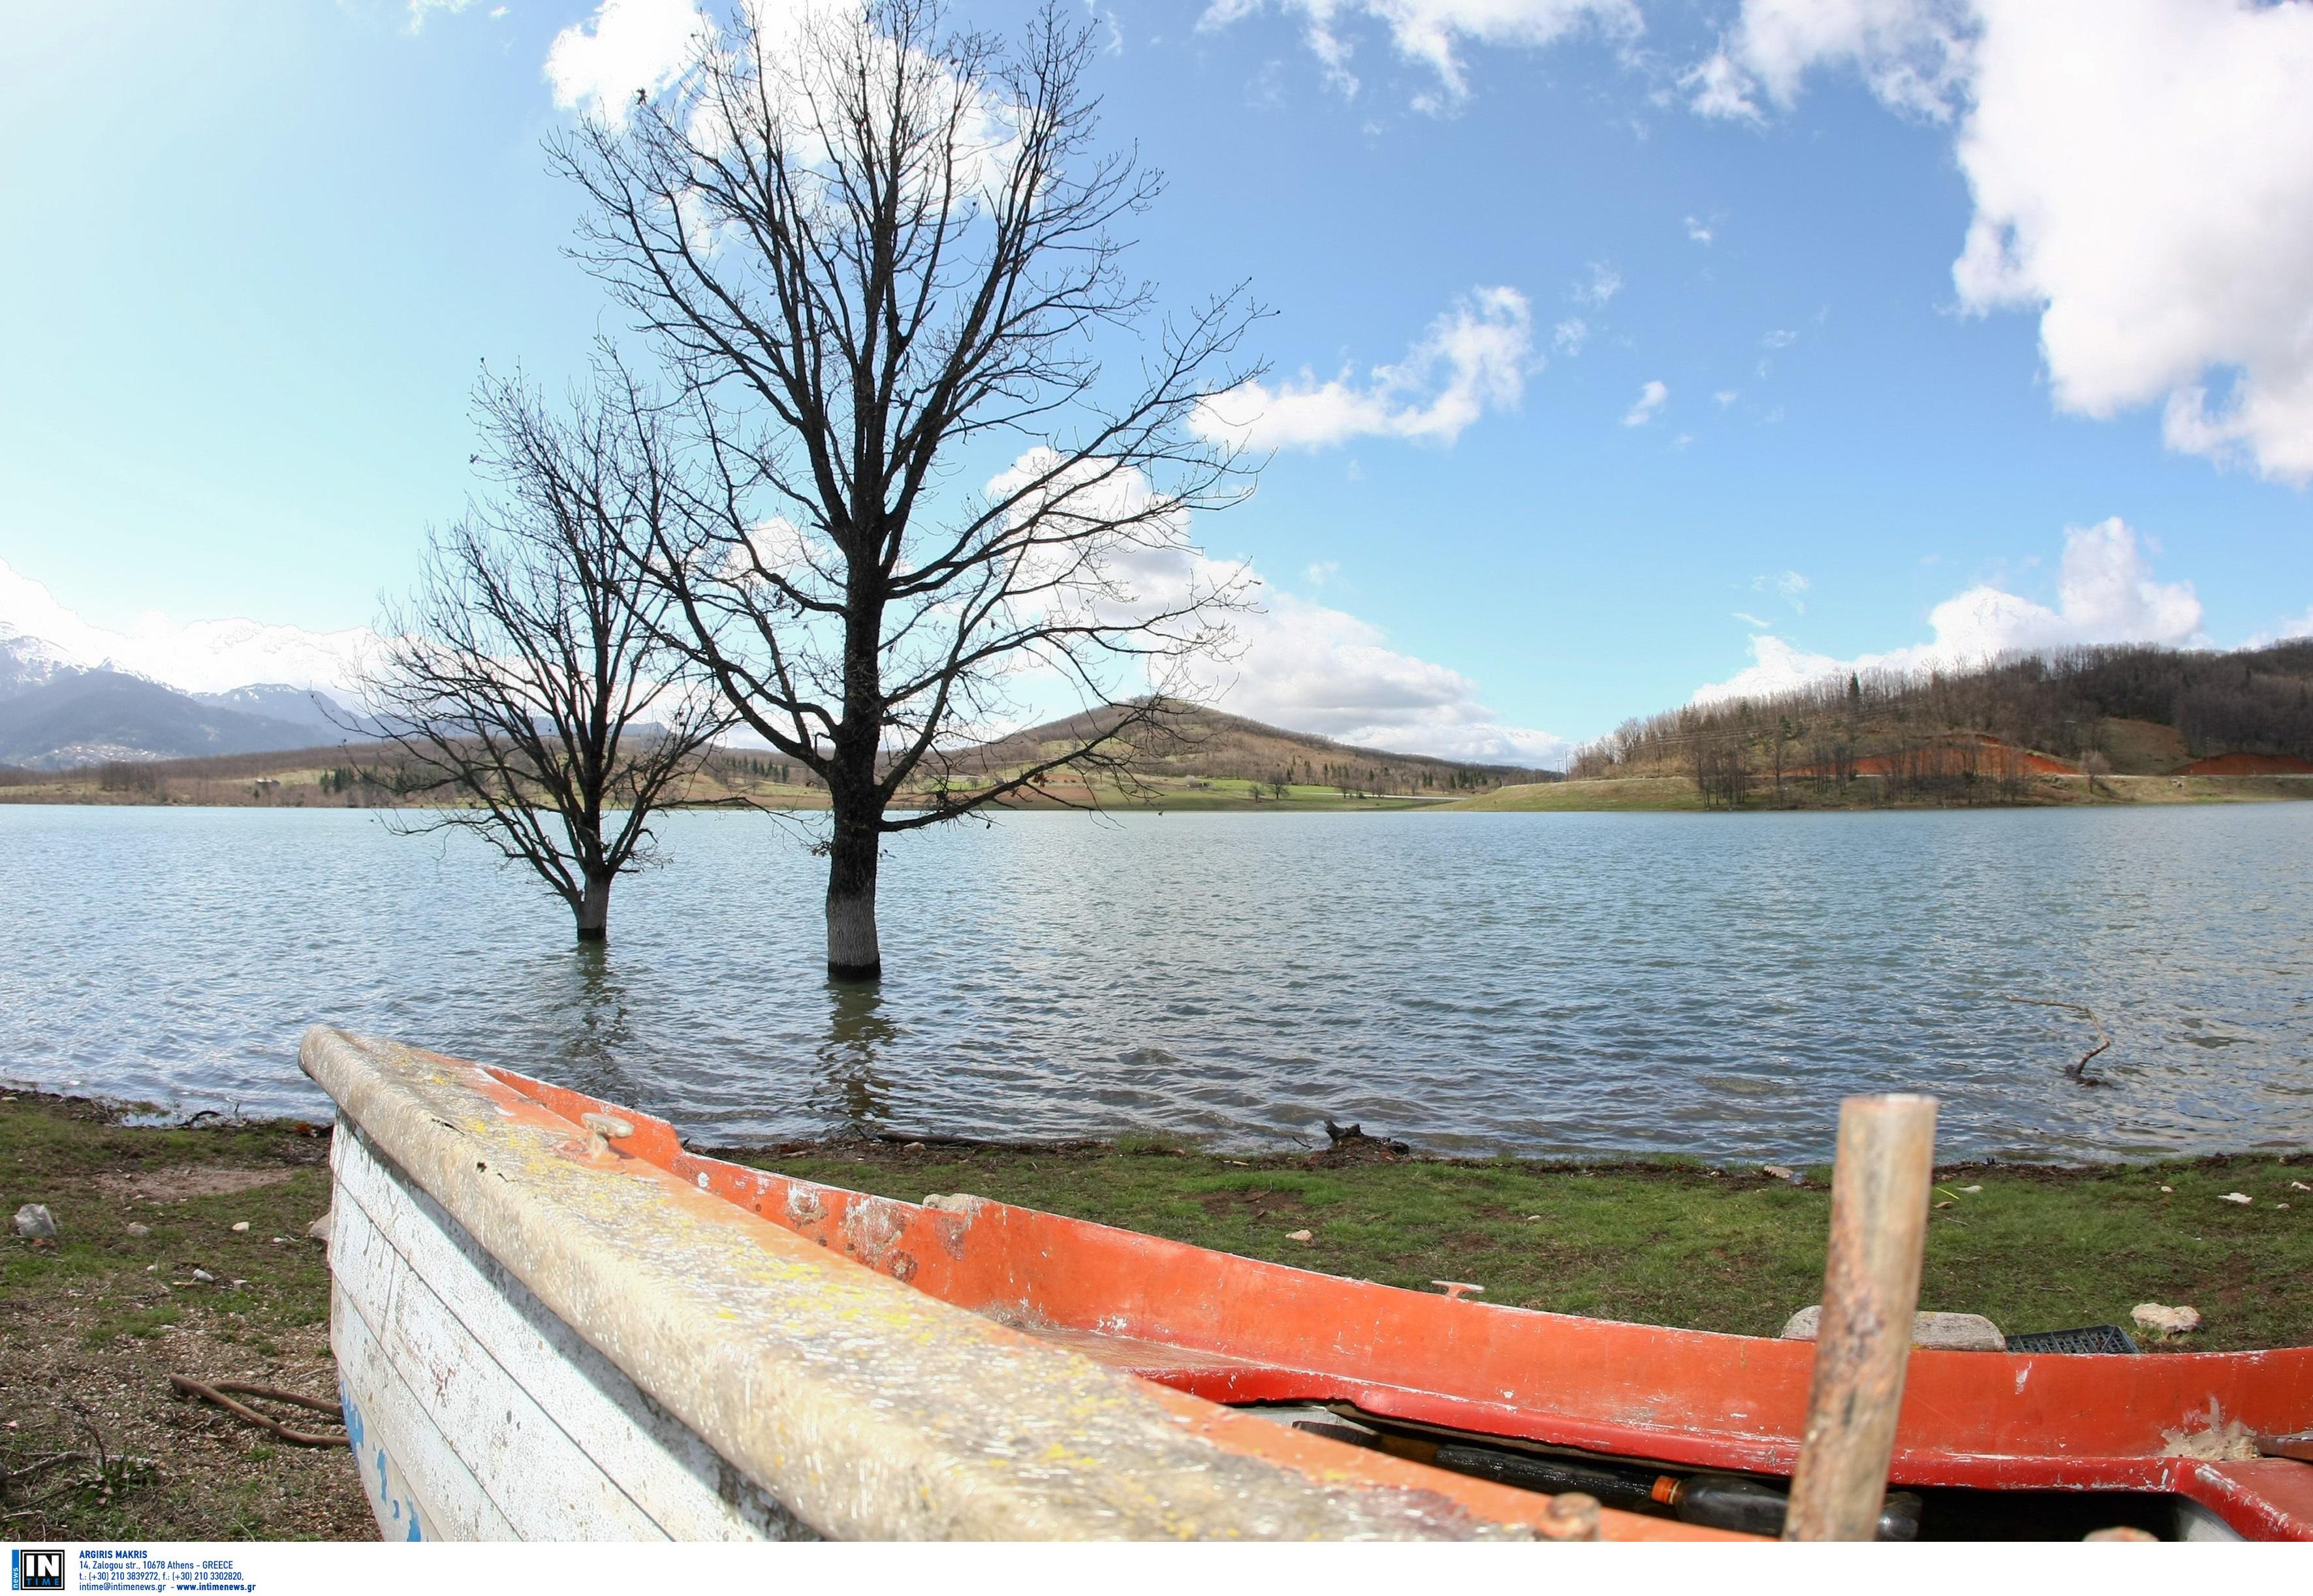 Λίμνη Πλαστήρα: Άγνωστα στοιχεία της τραγωδίας του 1959!